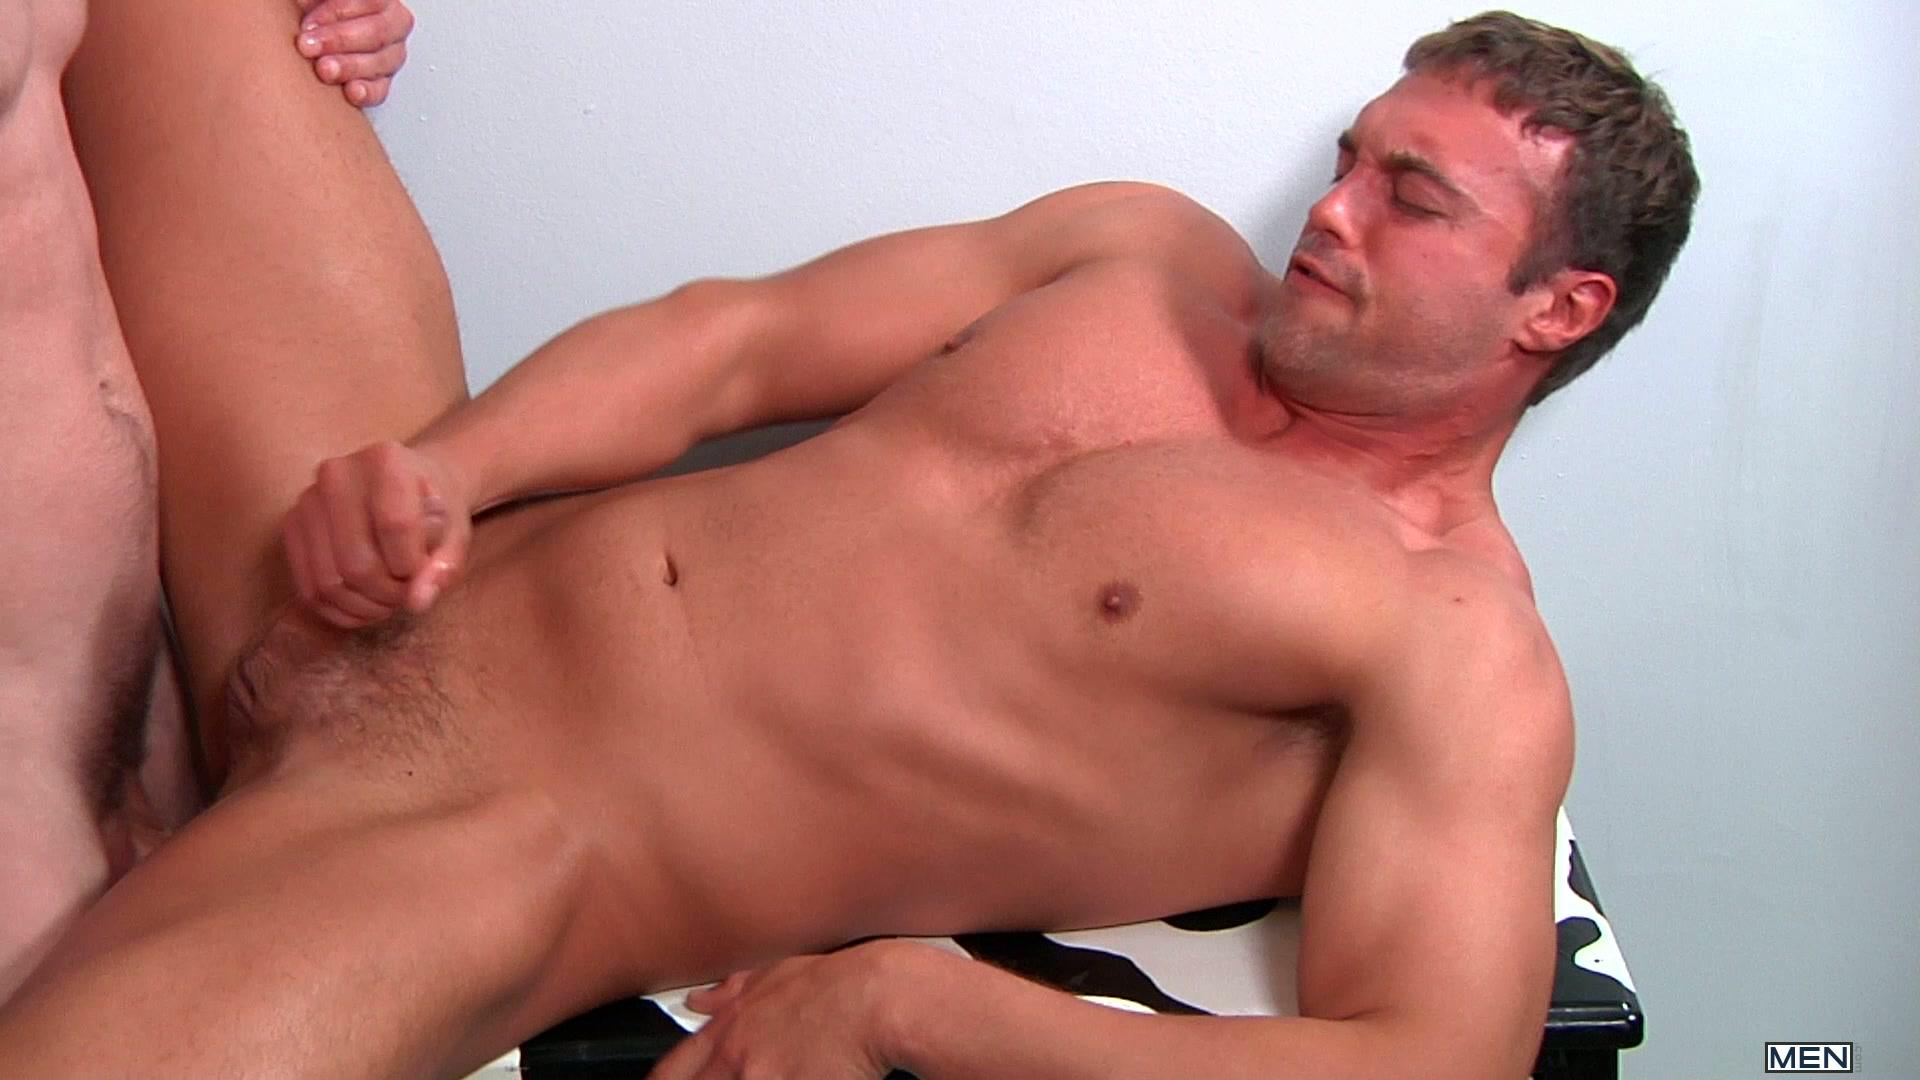 Rocco porn army congratulate